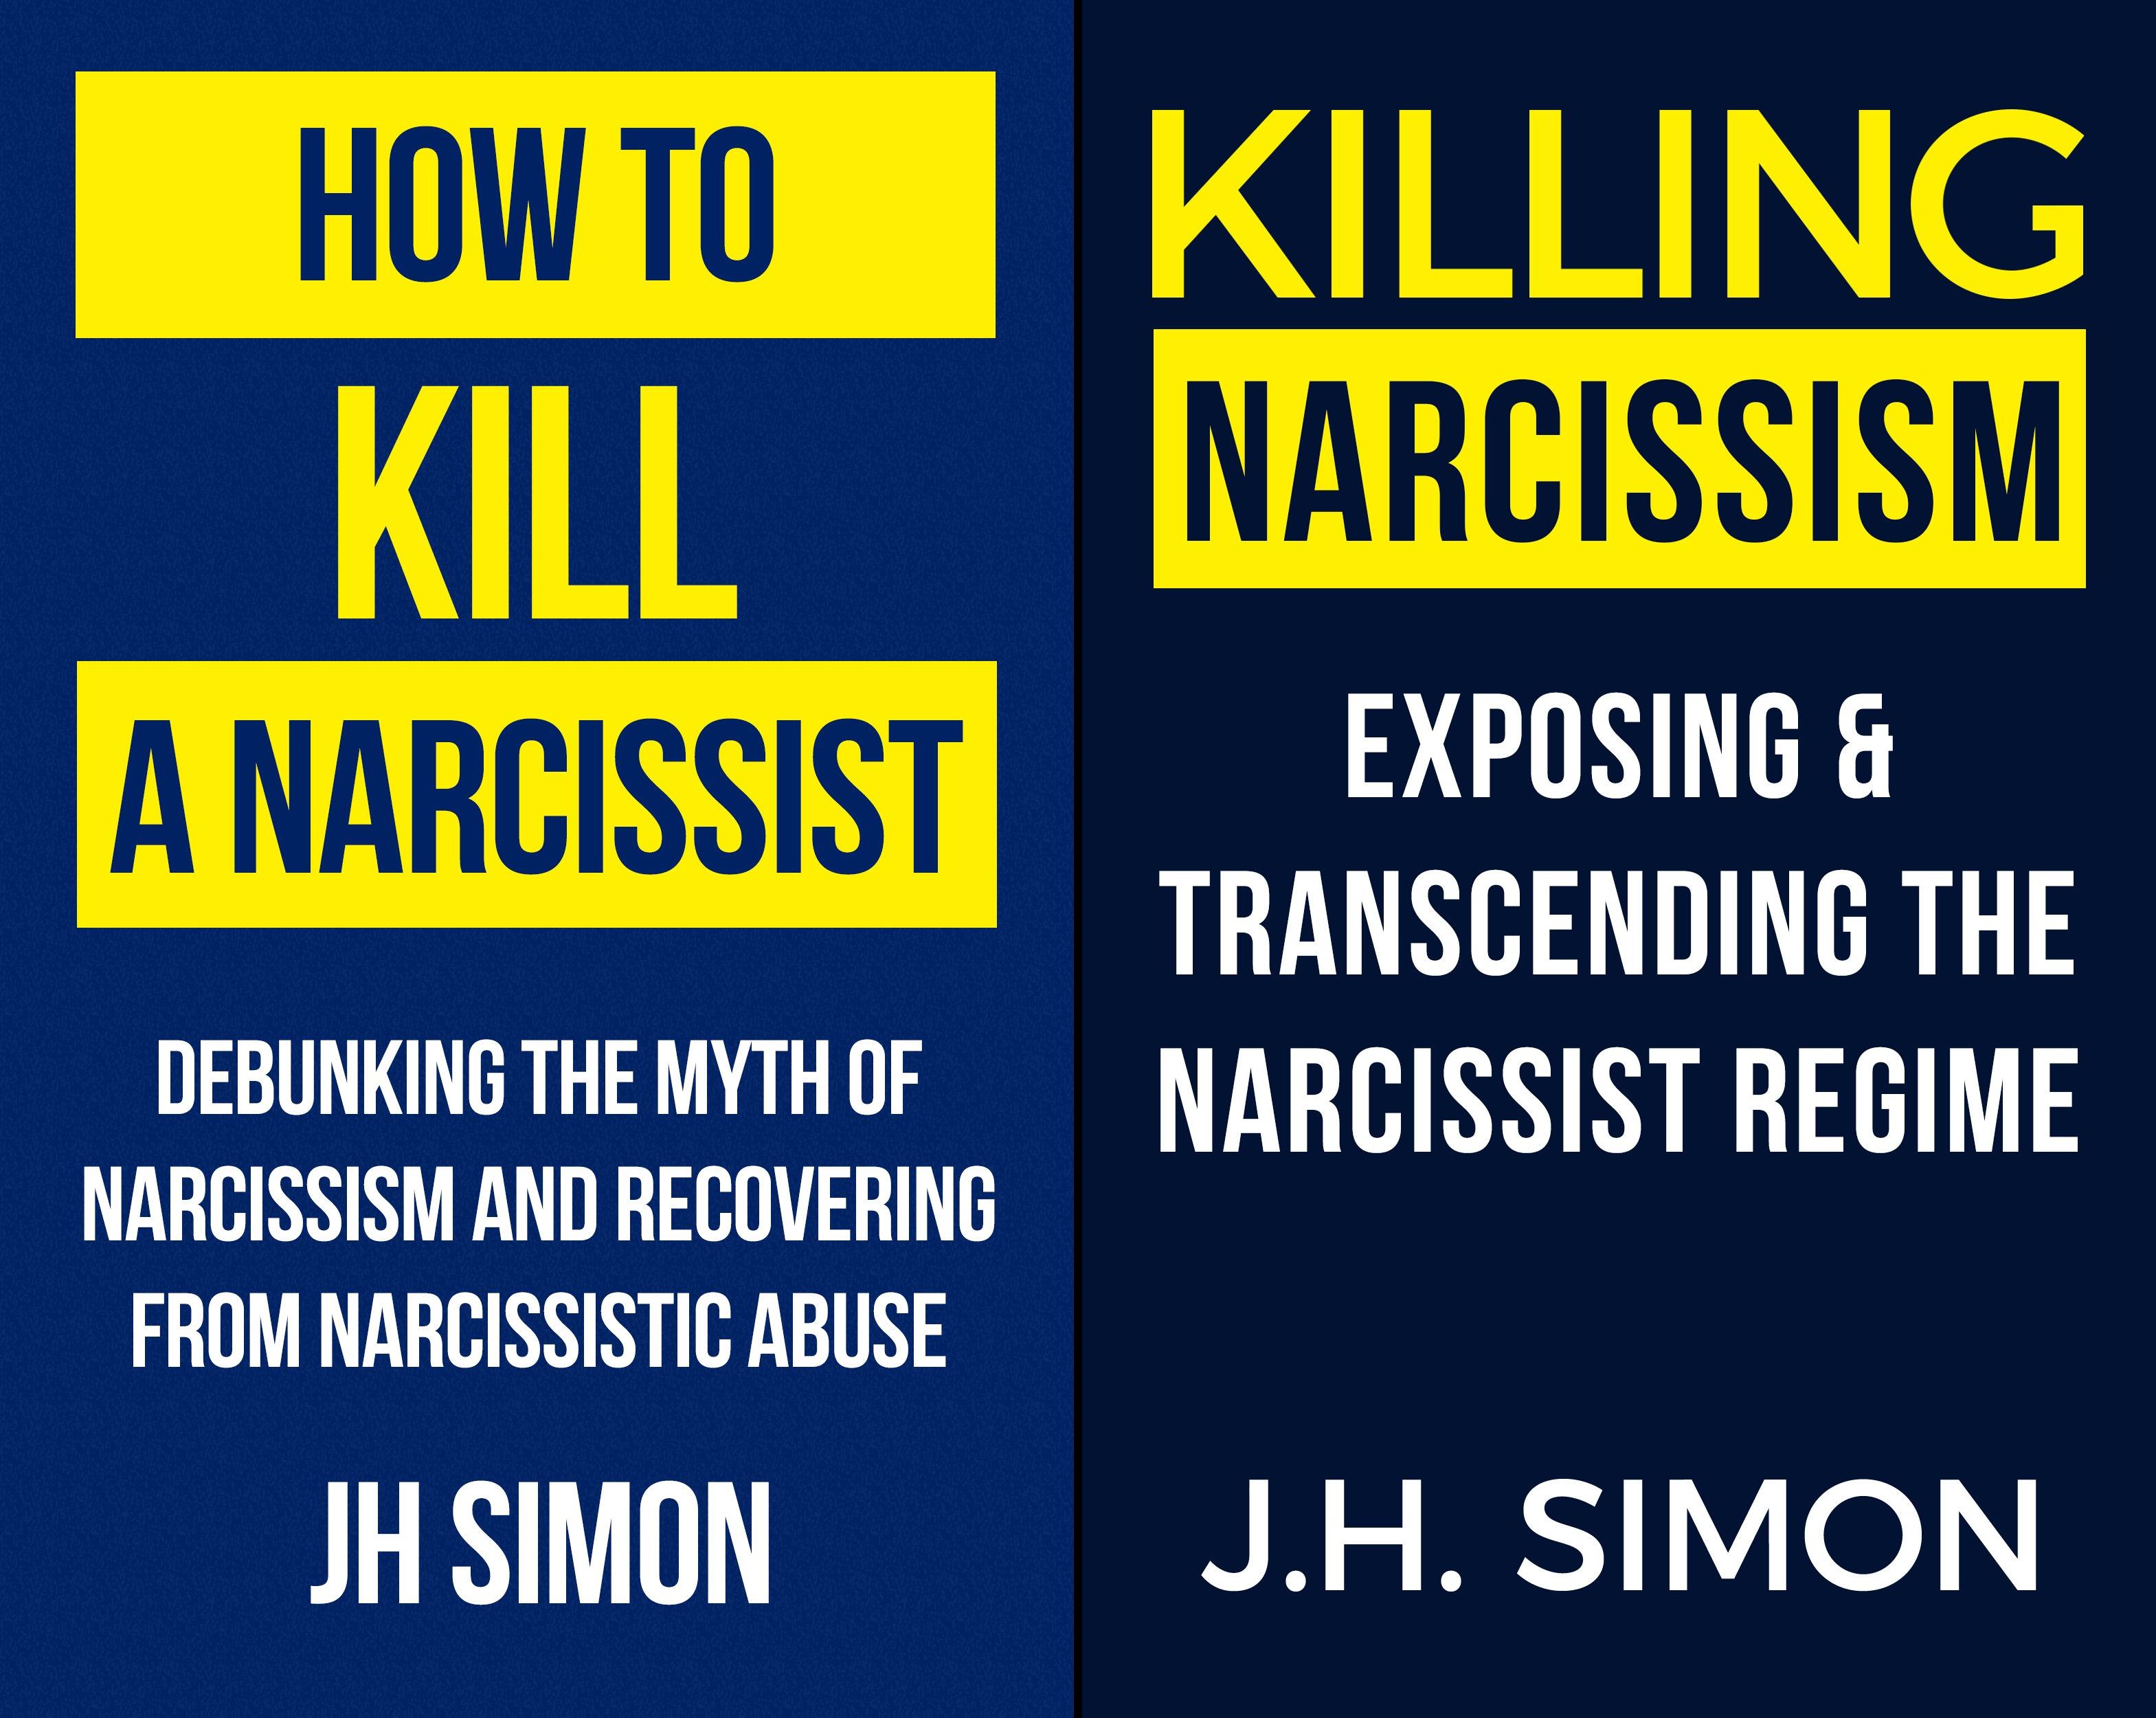 Kill A Narcissist (2 Book Series)